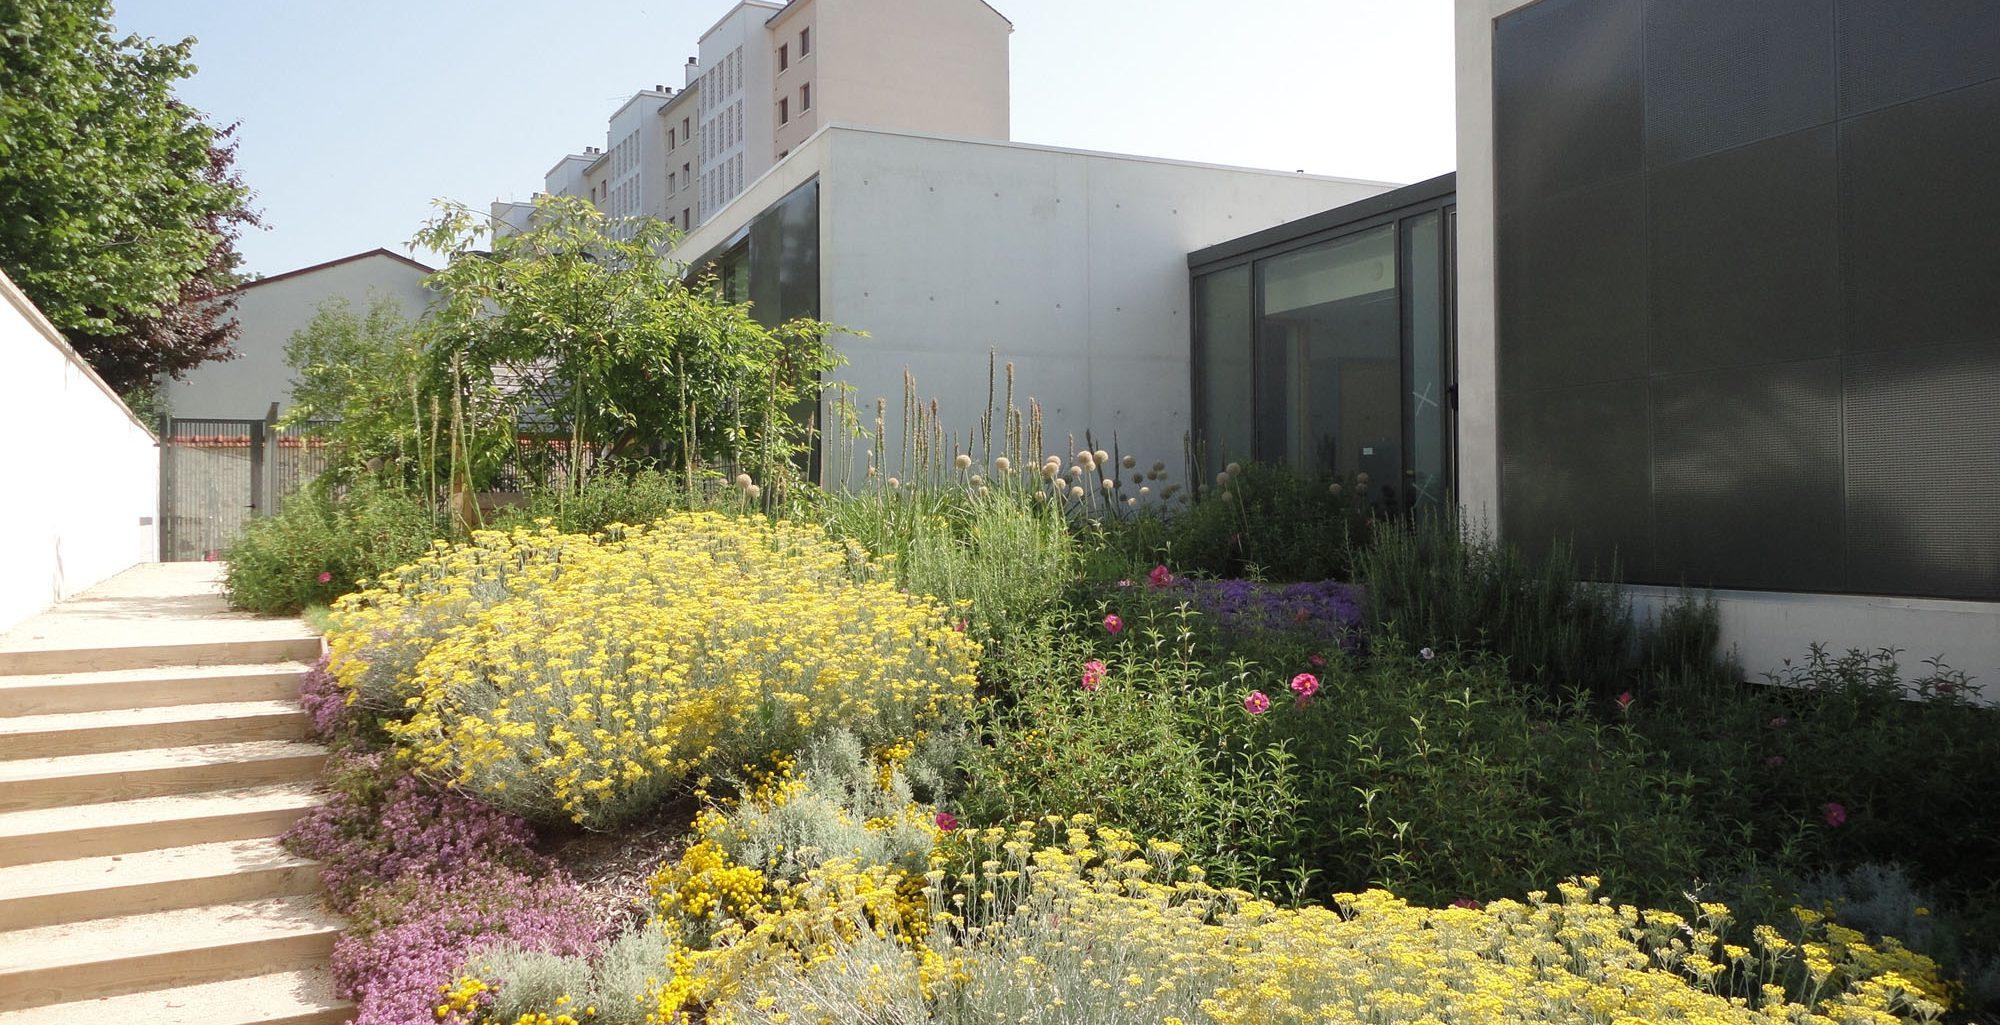 Jardin de découvertes avec des plantes à toucher, sentir, goûter pour développer les sens des petits